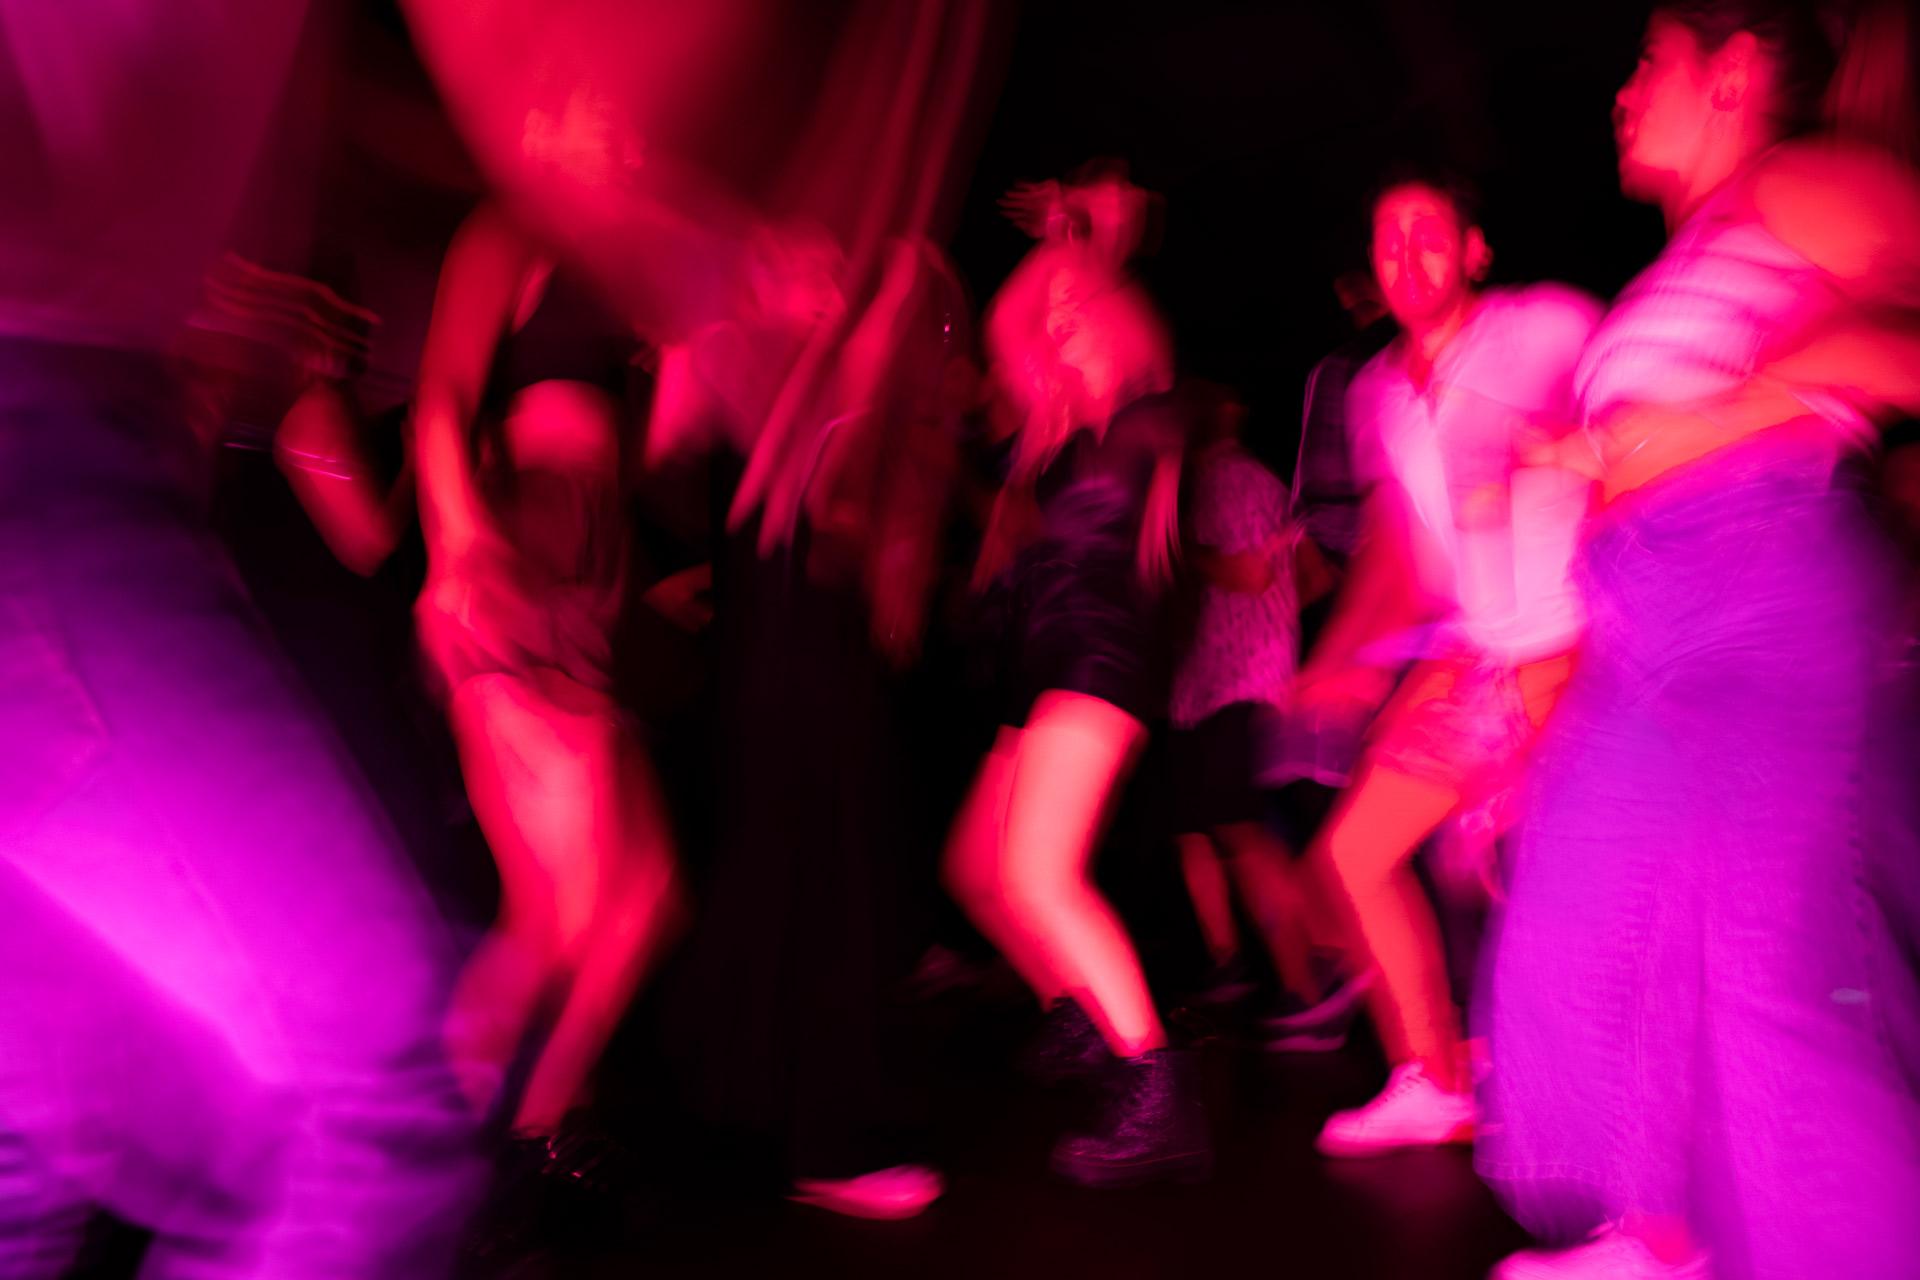 La extraña fiesta el contraste_01Port